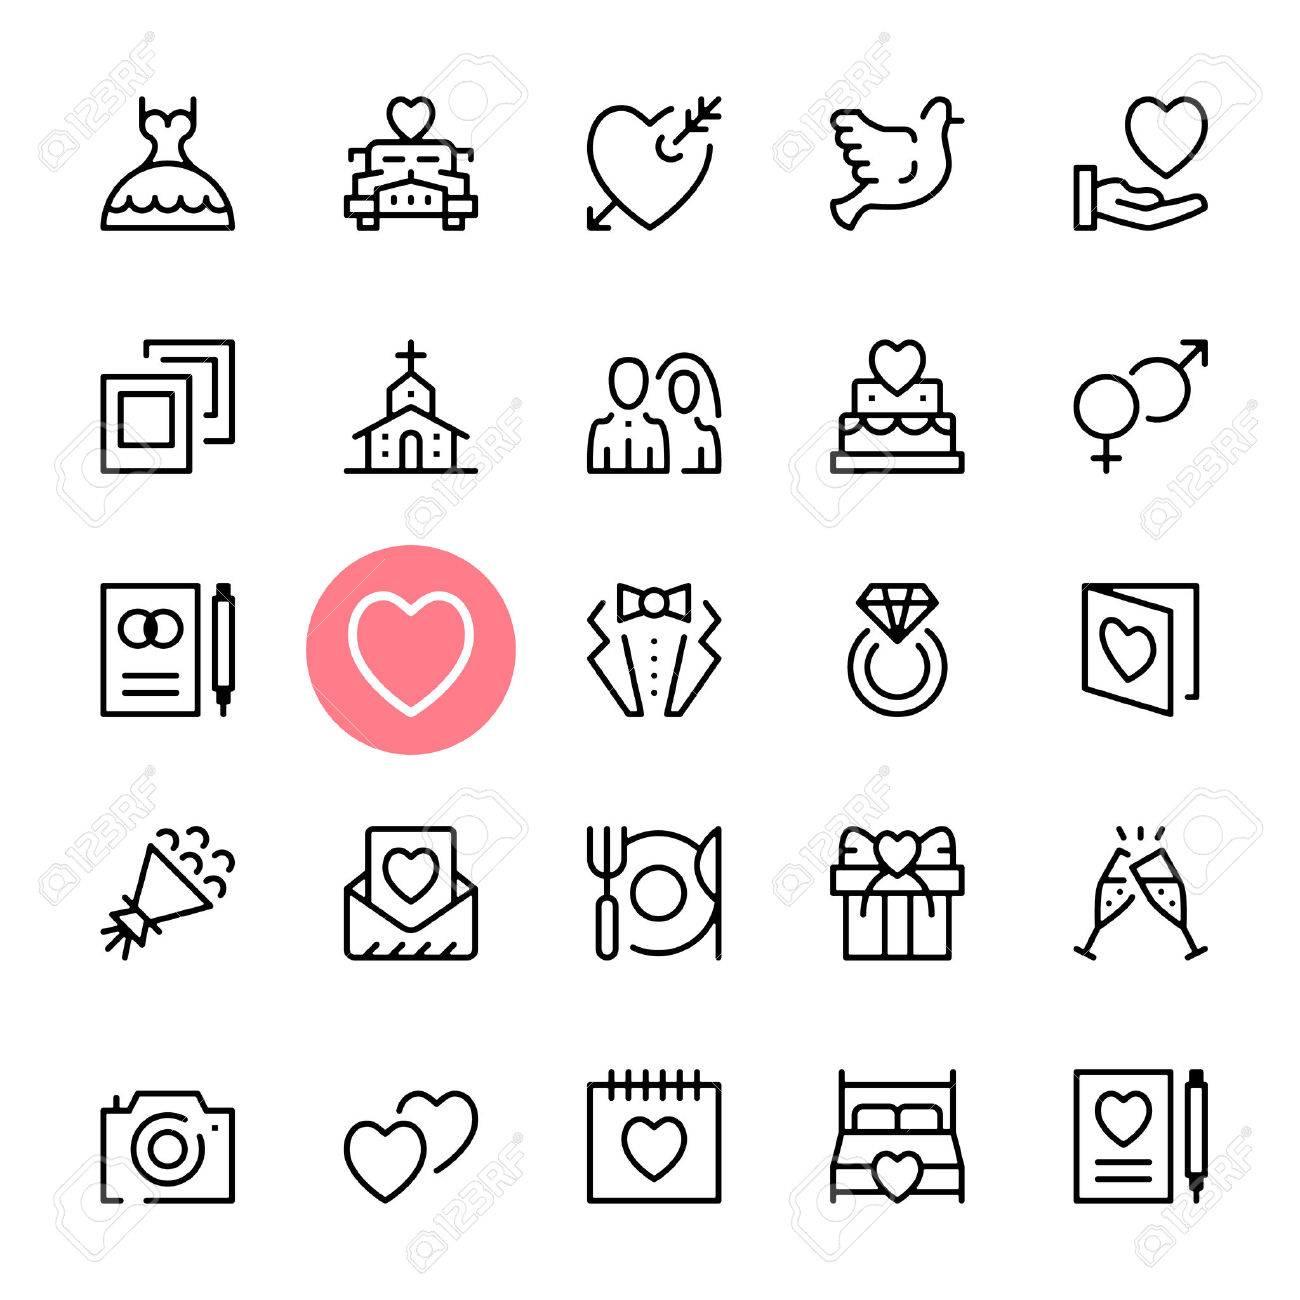 Vector Hochzeit Symbole Gesetzt Premium Qualitat Grafik Design Ehe